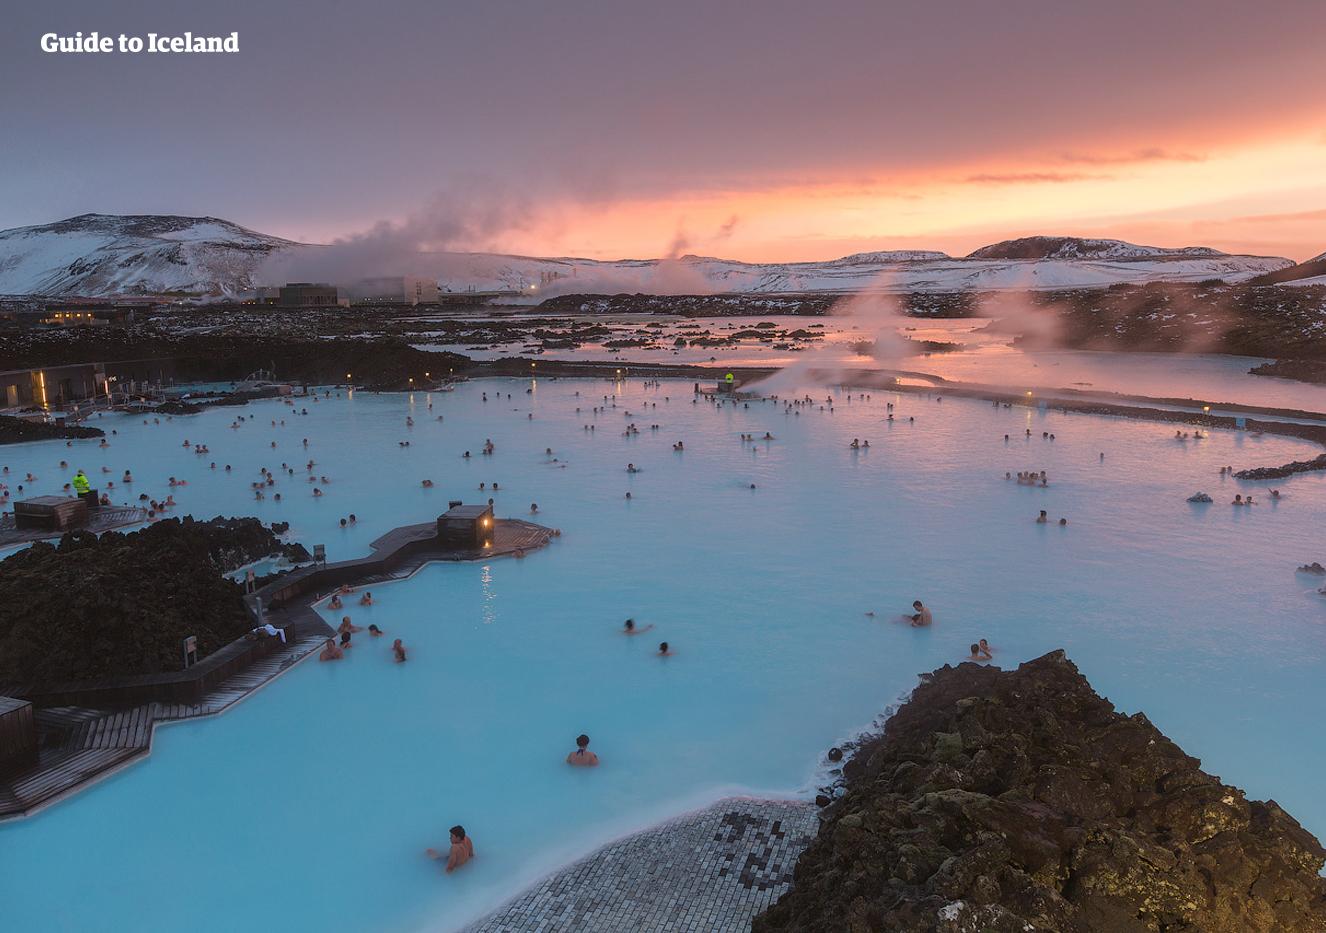 冰岛蓝湖温泉的蔚蓝泉水富含矿物质